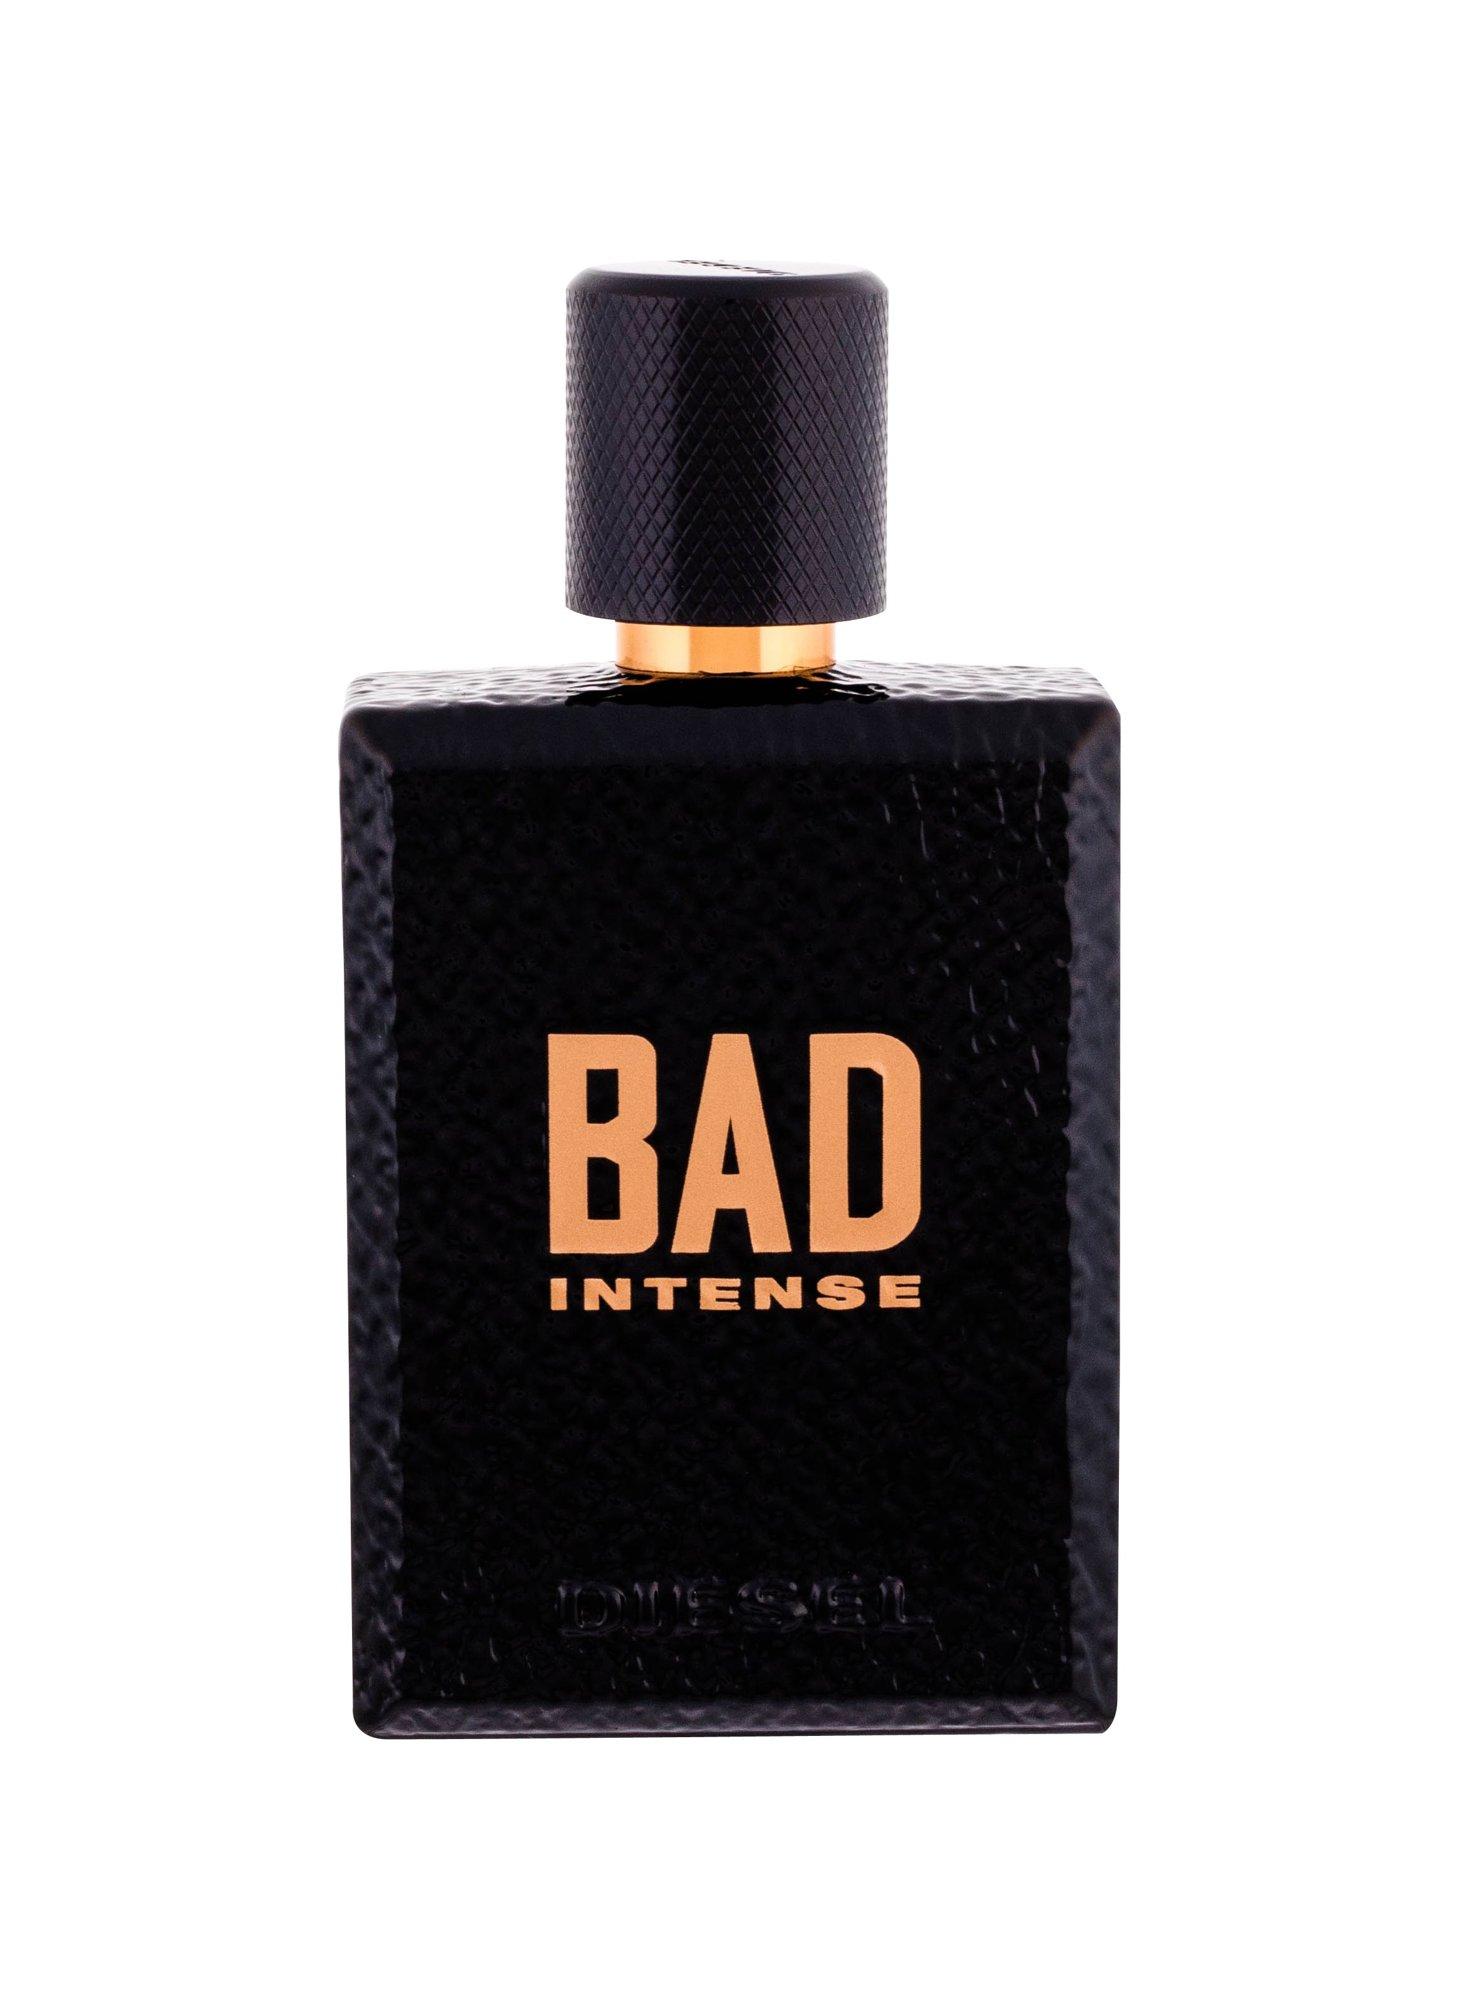 Diesel Bad Intense Eau de Parfum 75ml